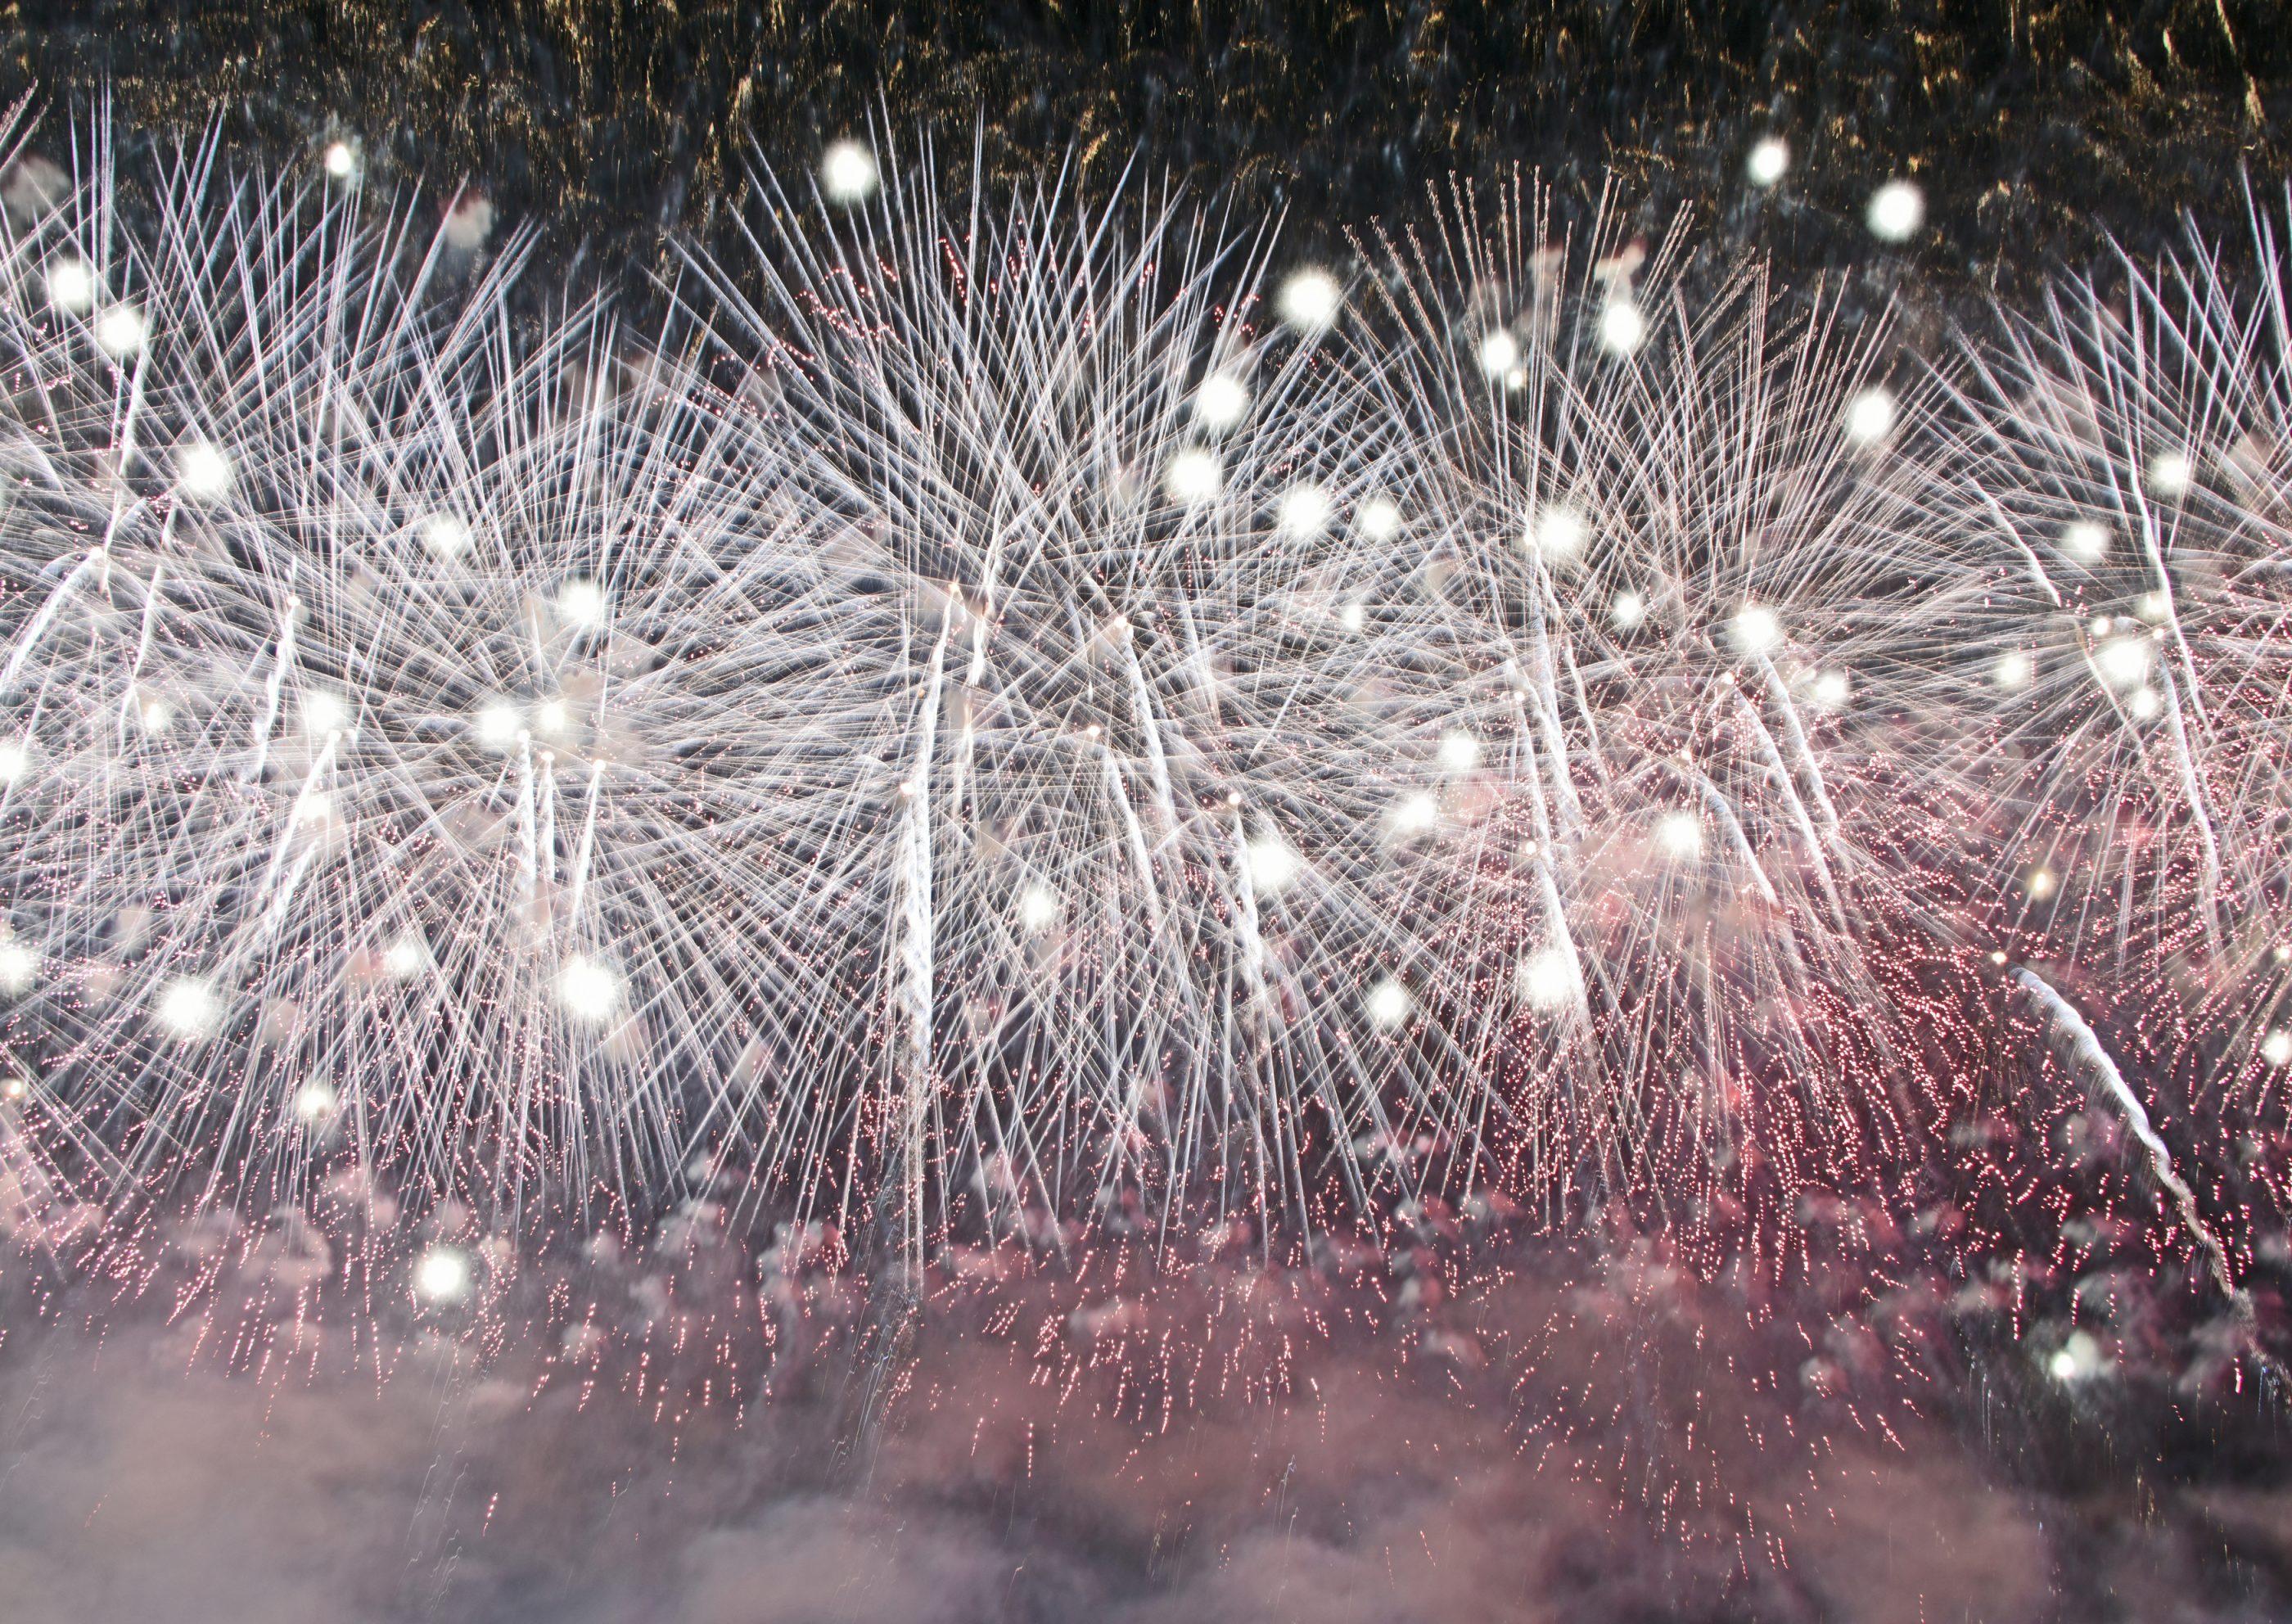 観客目当てで肝心の大会提供花火が多き過ぎて入らなく紹介できないのが残念でした。是非一度見に来て実感して頂きたいです。